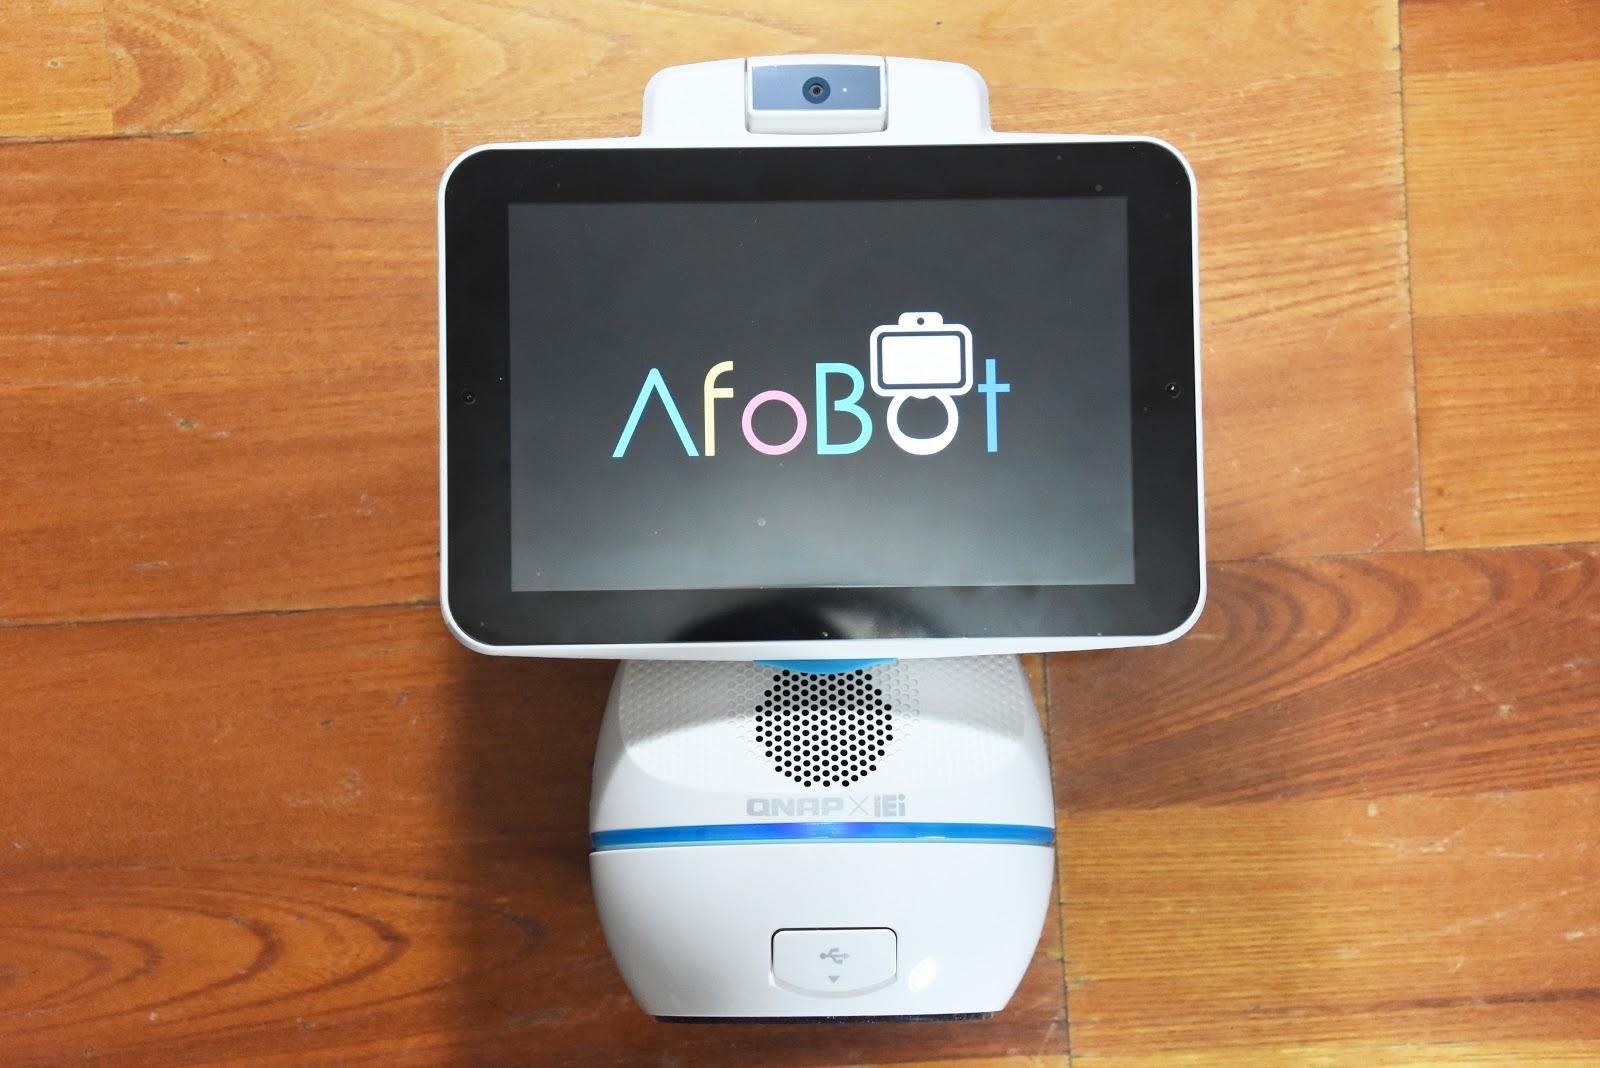 [心得] [開箱評測] QNAP AfoBot 阿福寶是我居家照顧的好幫手 | T17 討論區 - 一起分享好東西